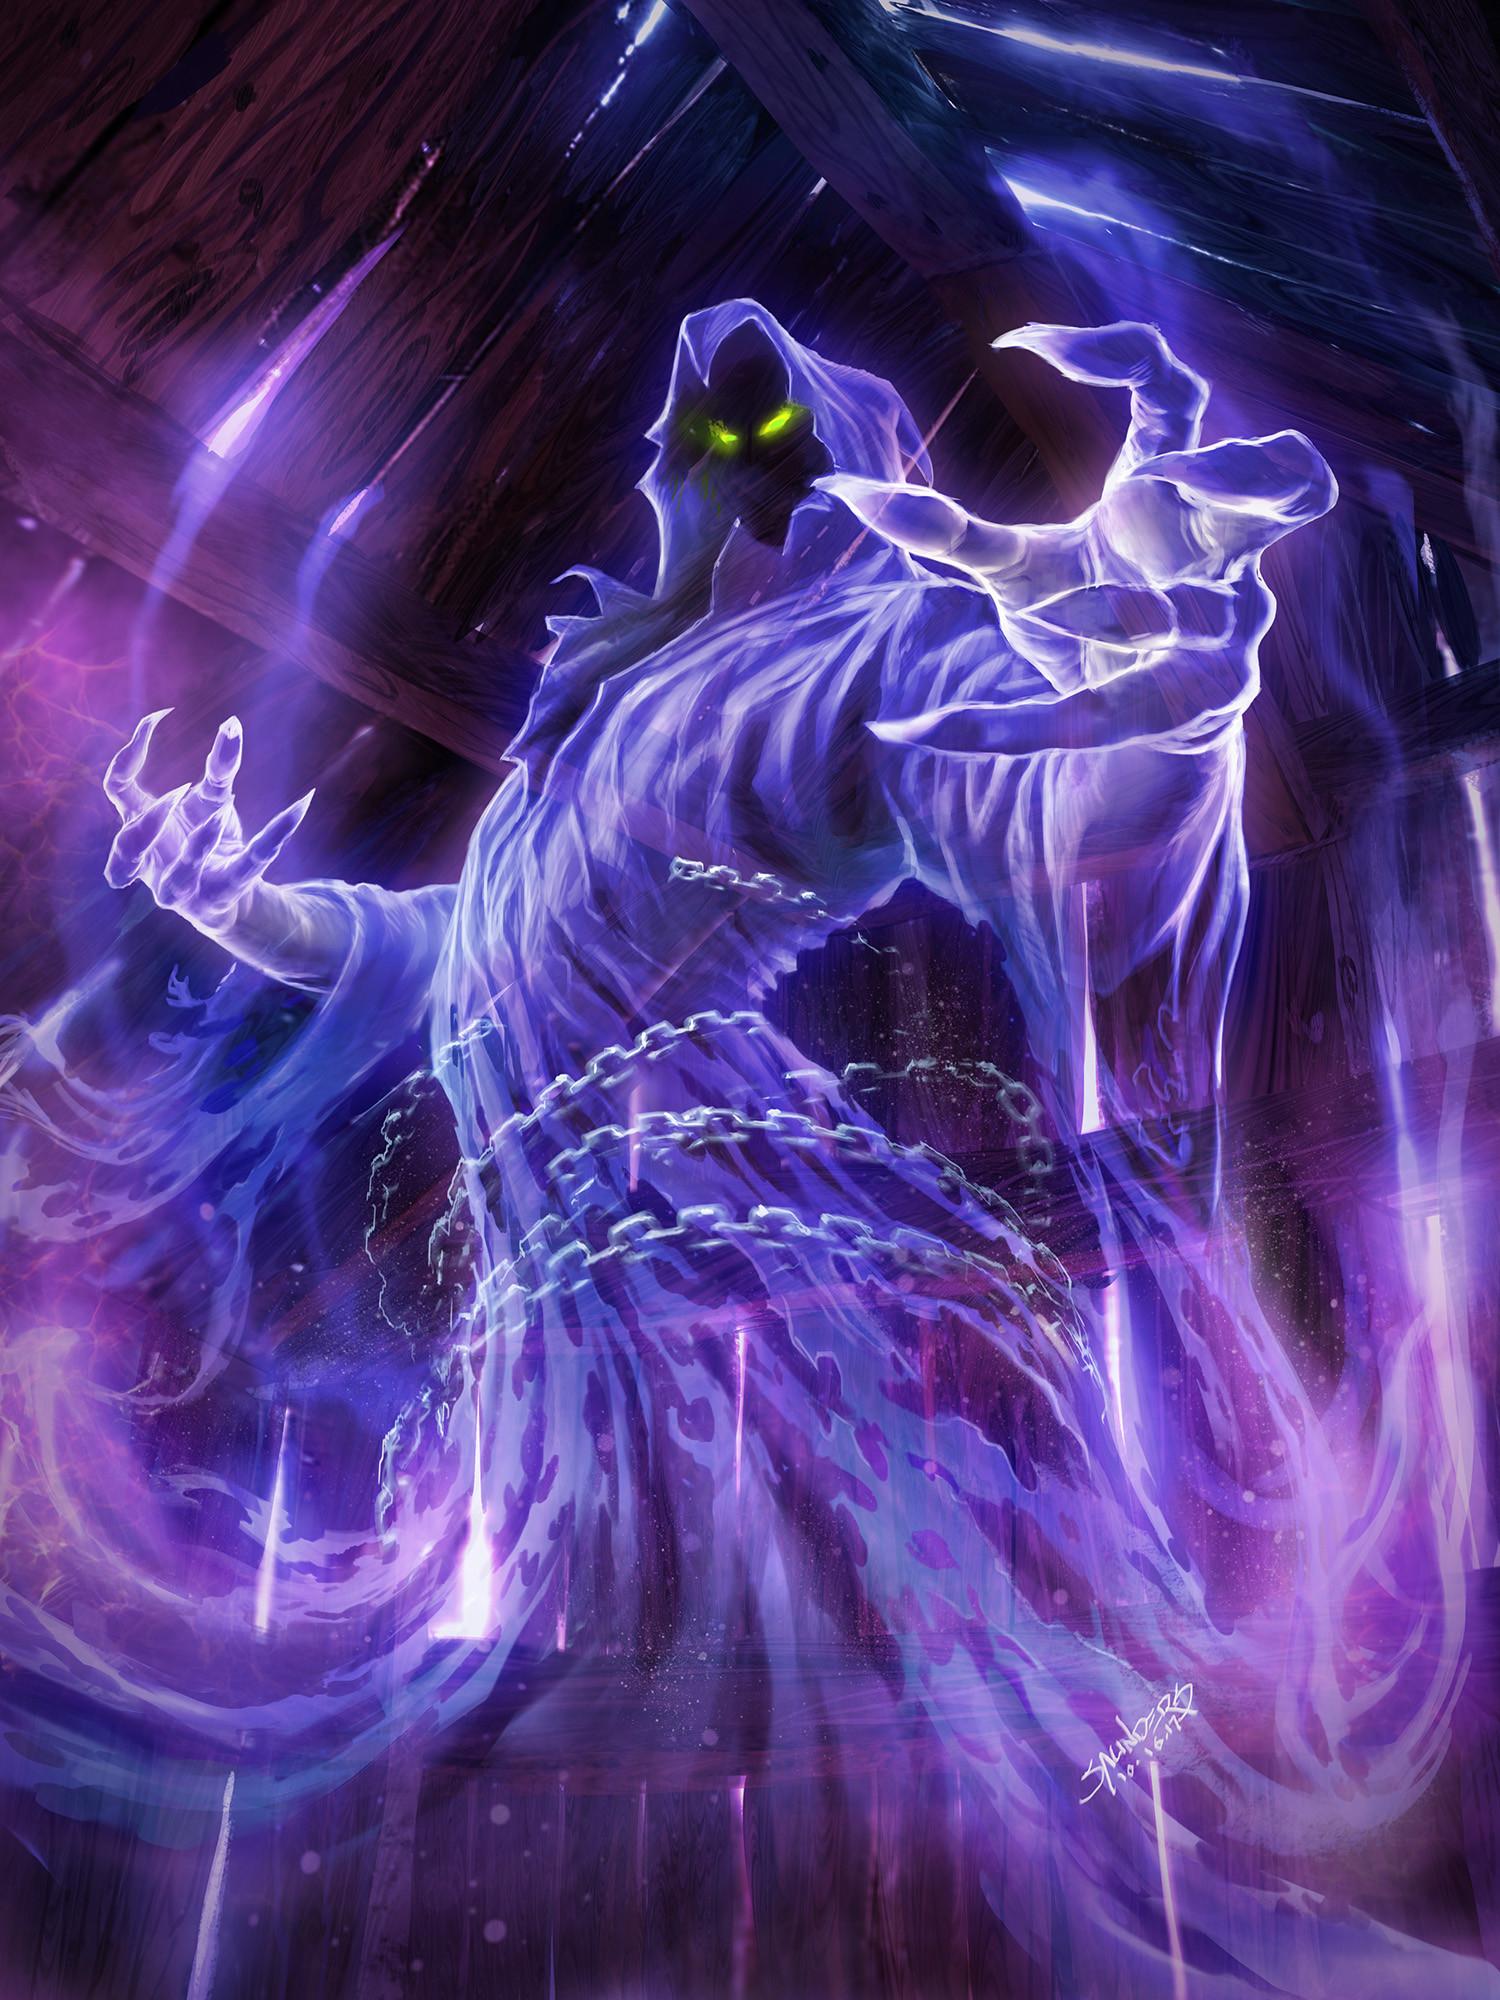 Phil saunders mist wraith web